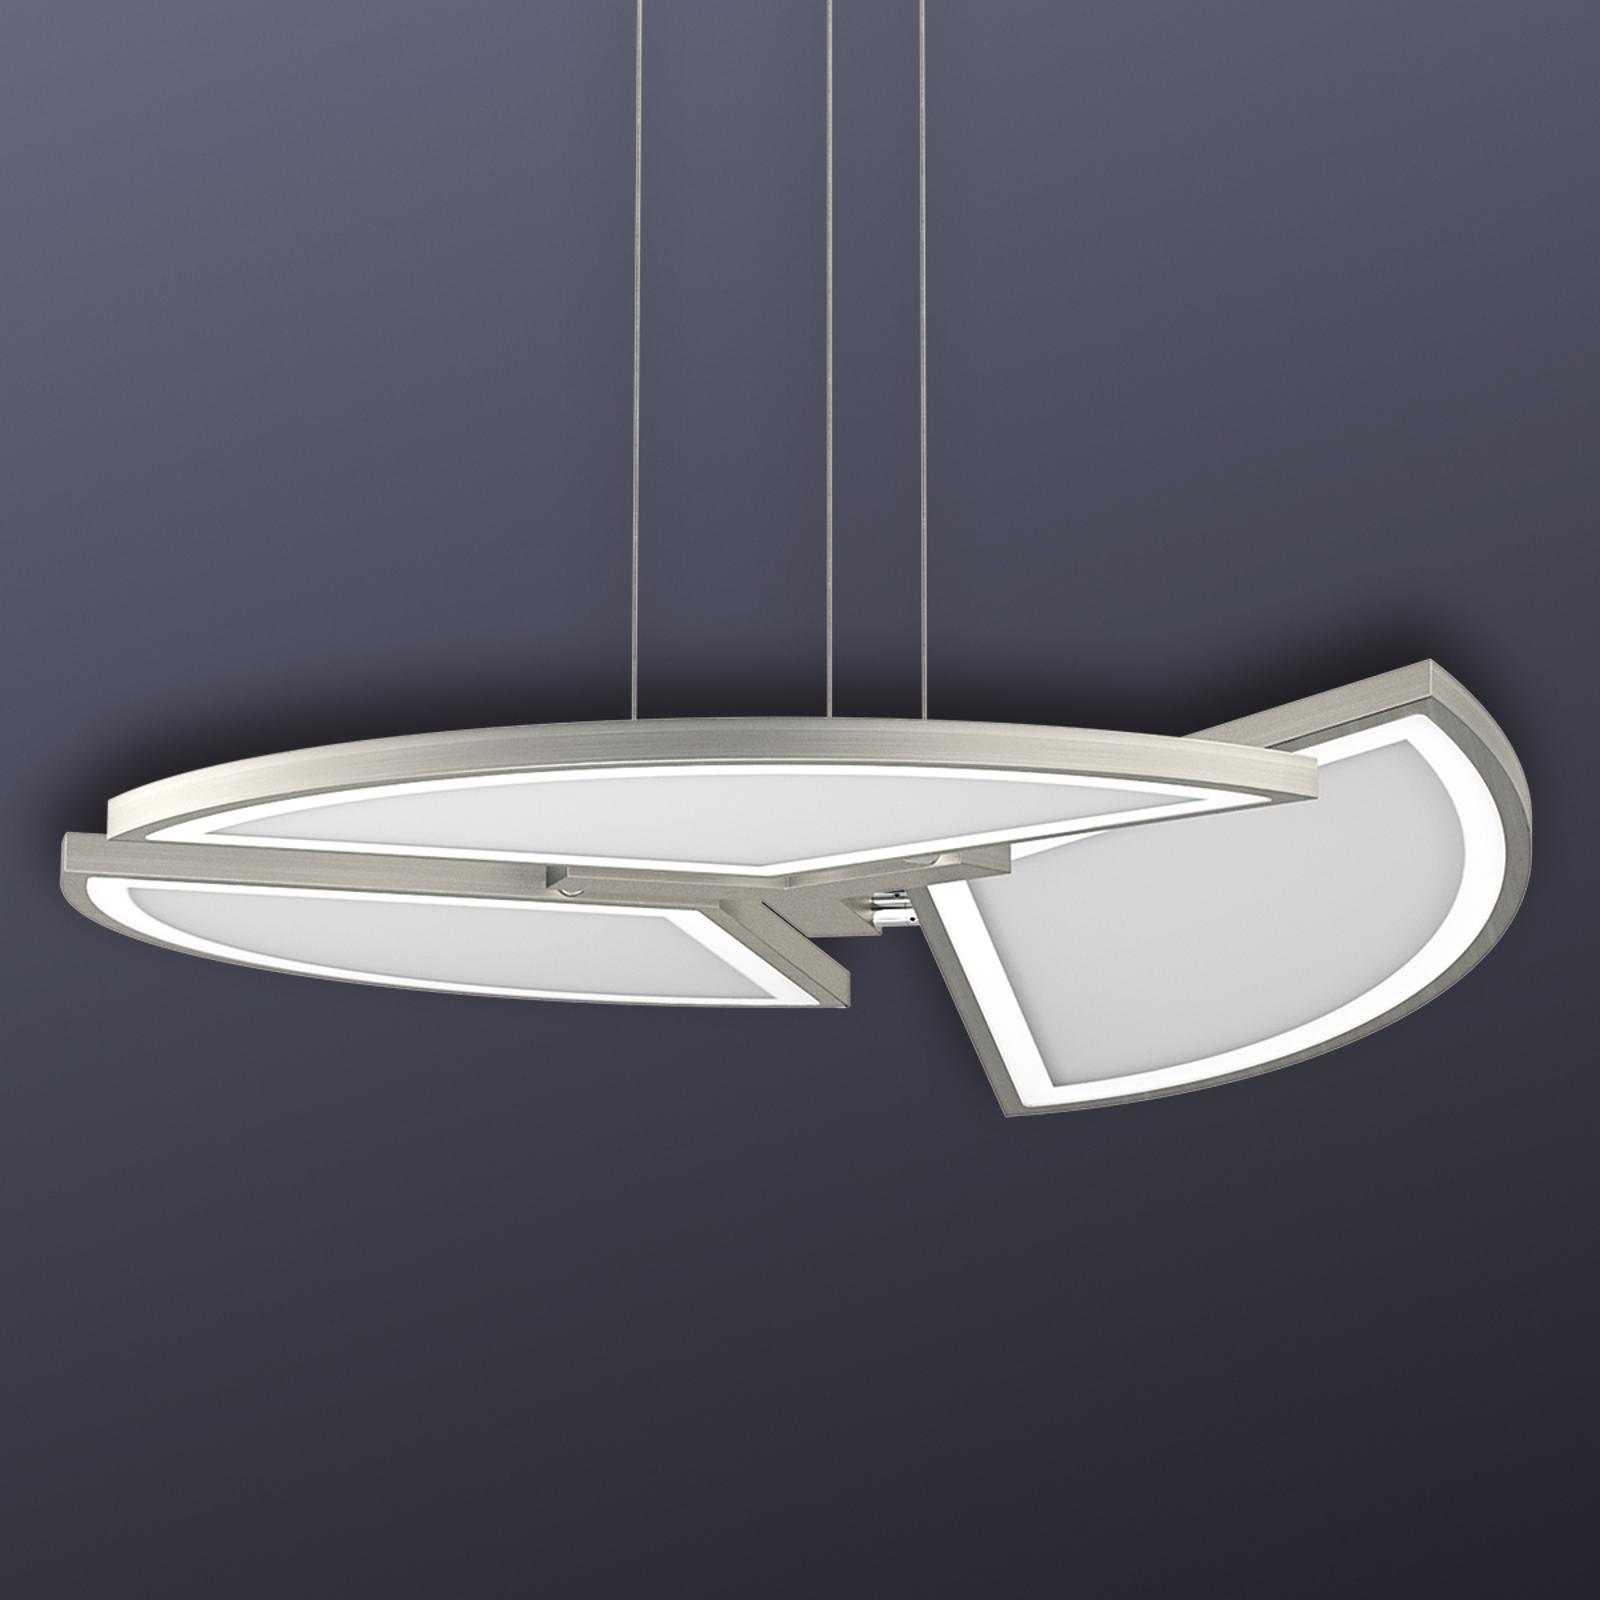 Flexibel einstellbare LED-Pendelleuchte Movil